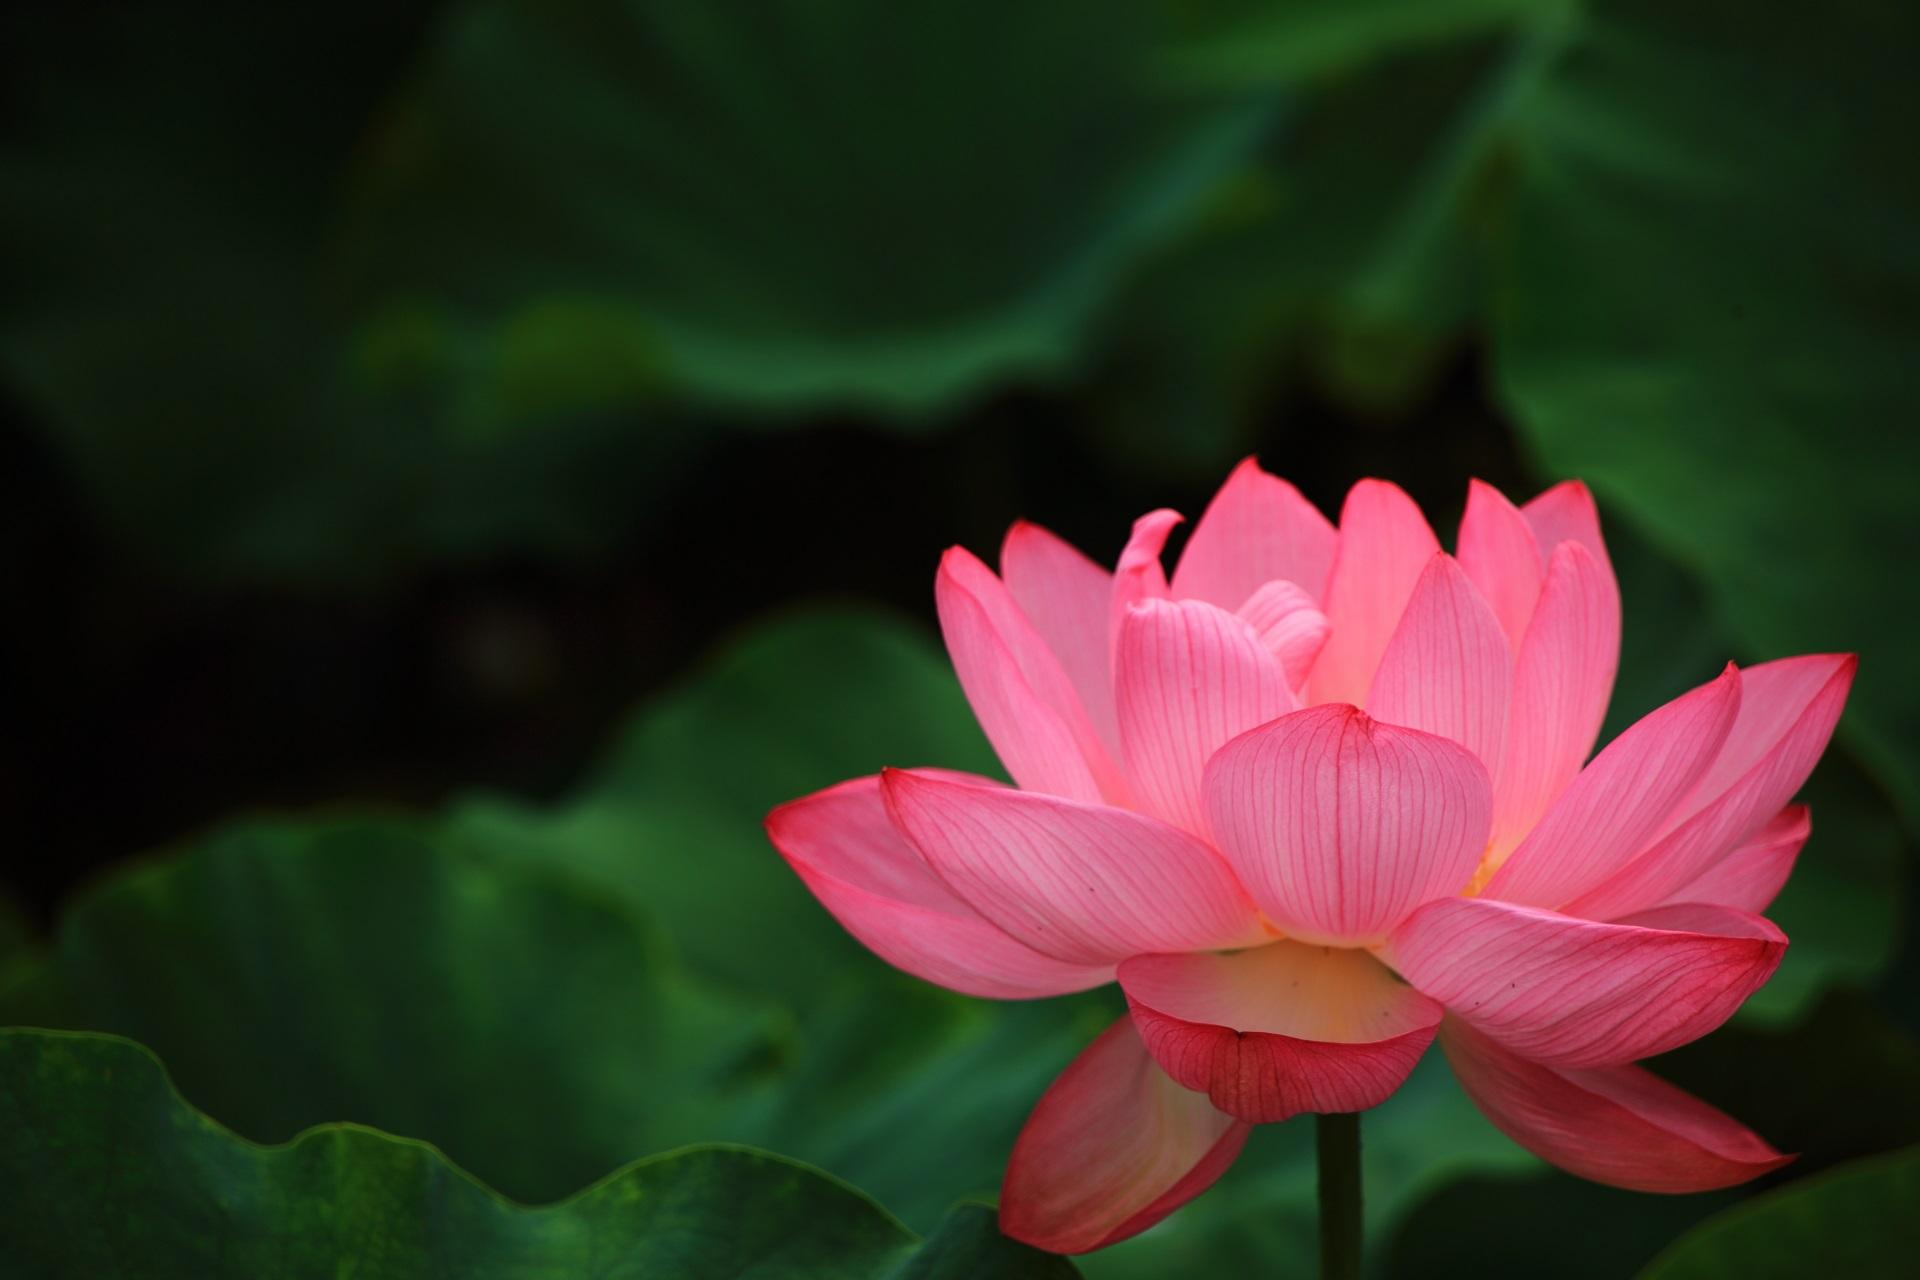 花びら一枚一枚は非常に繊細で人間では作り出せない芸術的な蓮の花